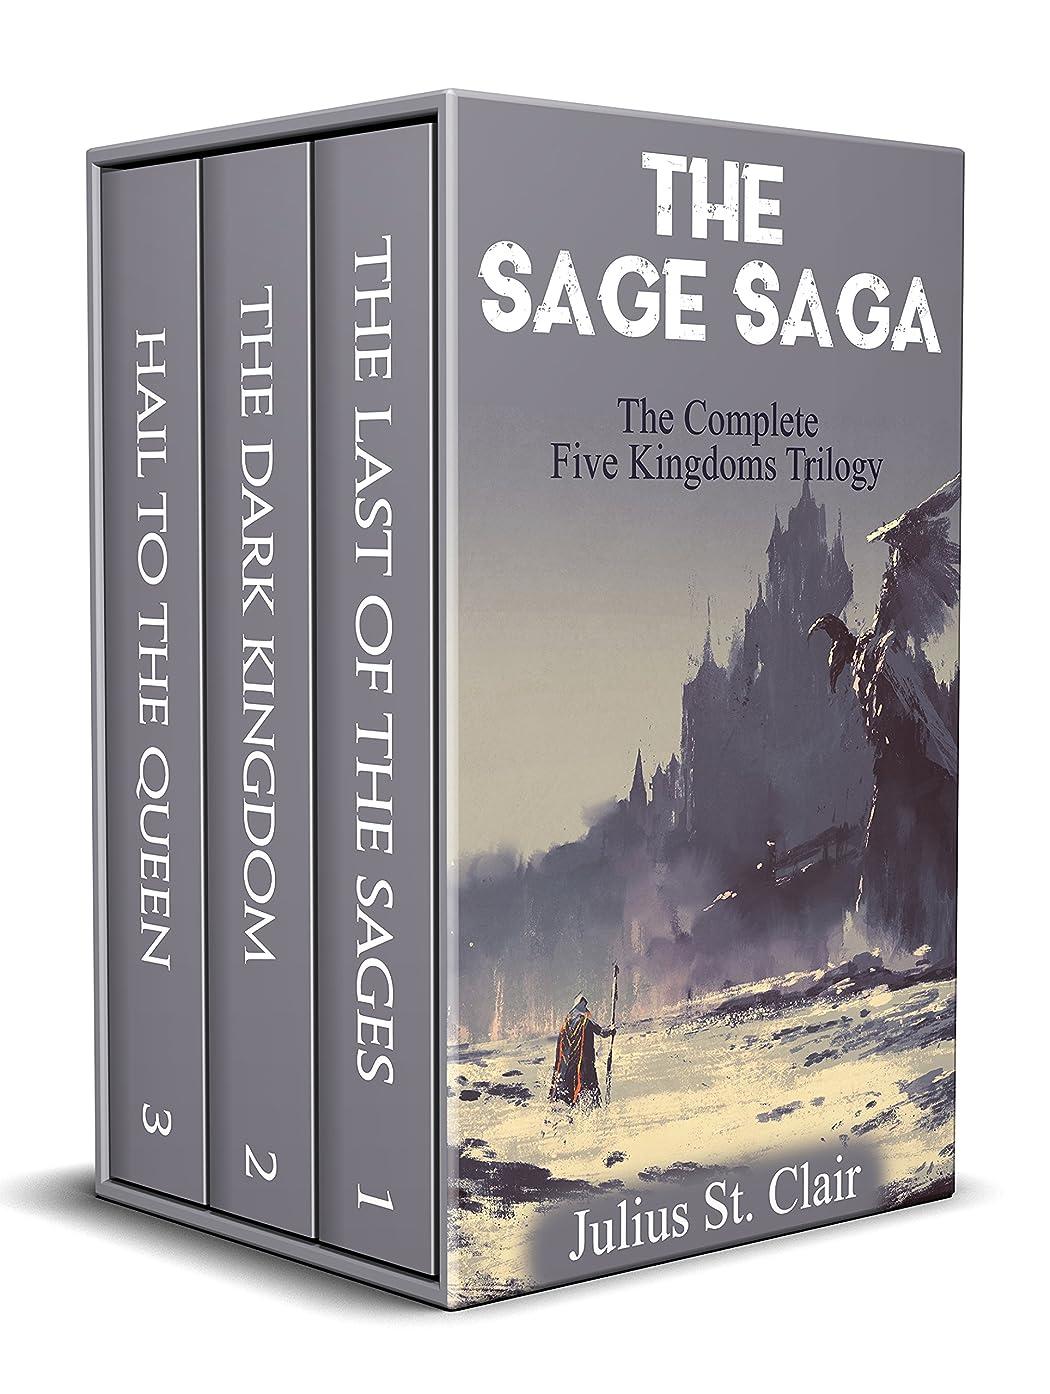 母音スペシャリスト農学The Last of the Sages: The Complete Five Kingdoms Trilogy (Books 1-3) (Sage Saga Bundle Book 1) (English Edition)